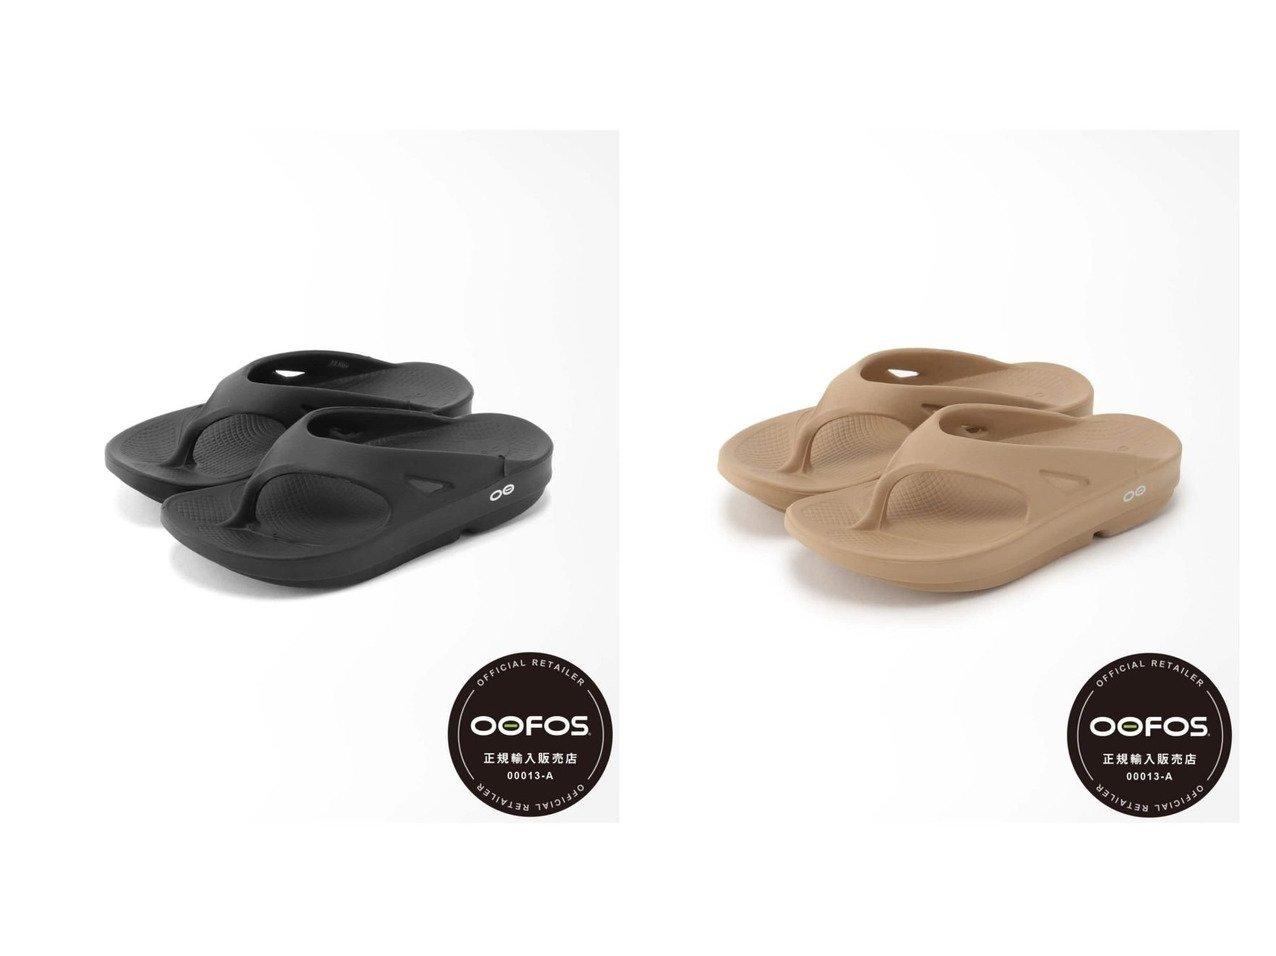 【JOURNAL STANDARD/ジャーナルスタンダード】の【ウーフォス】OOriginal サンダル 【シューズ・靴】おすすめ!人気、トレンド・レディースファッションの通販 おすすめで人気の流行・トレンド、ファッションの通販商品 インテリア・家具・メンズファッション・キッズファッション・レディースファッション・服の通販 founy(ファニー) https://founy.com/ ファッション Fashion レディースファッション WOMEN 2021年 2021 2021春夏・S/S SS/Spring/Summer/2021 S/S・春夏 SS・Spring/Summer おすすめ Recommend クッション サンダル シューズ ミュール |ID:crp329100000047557